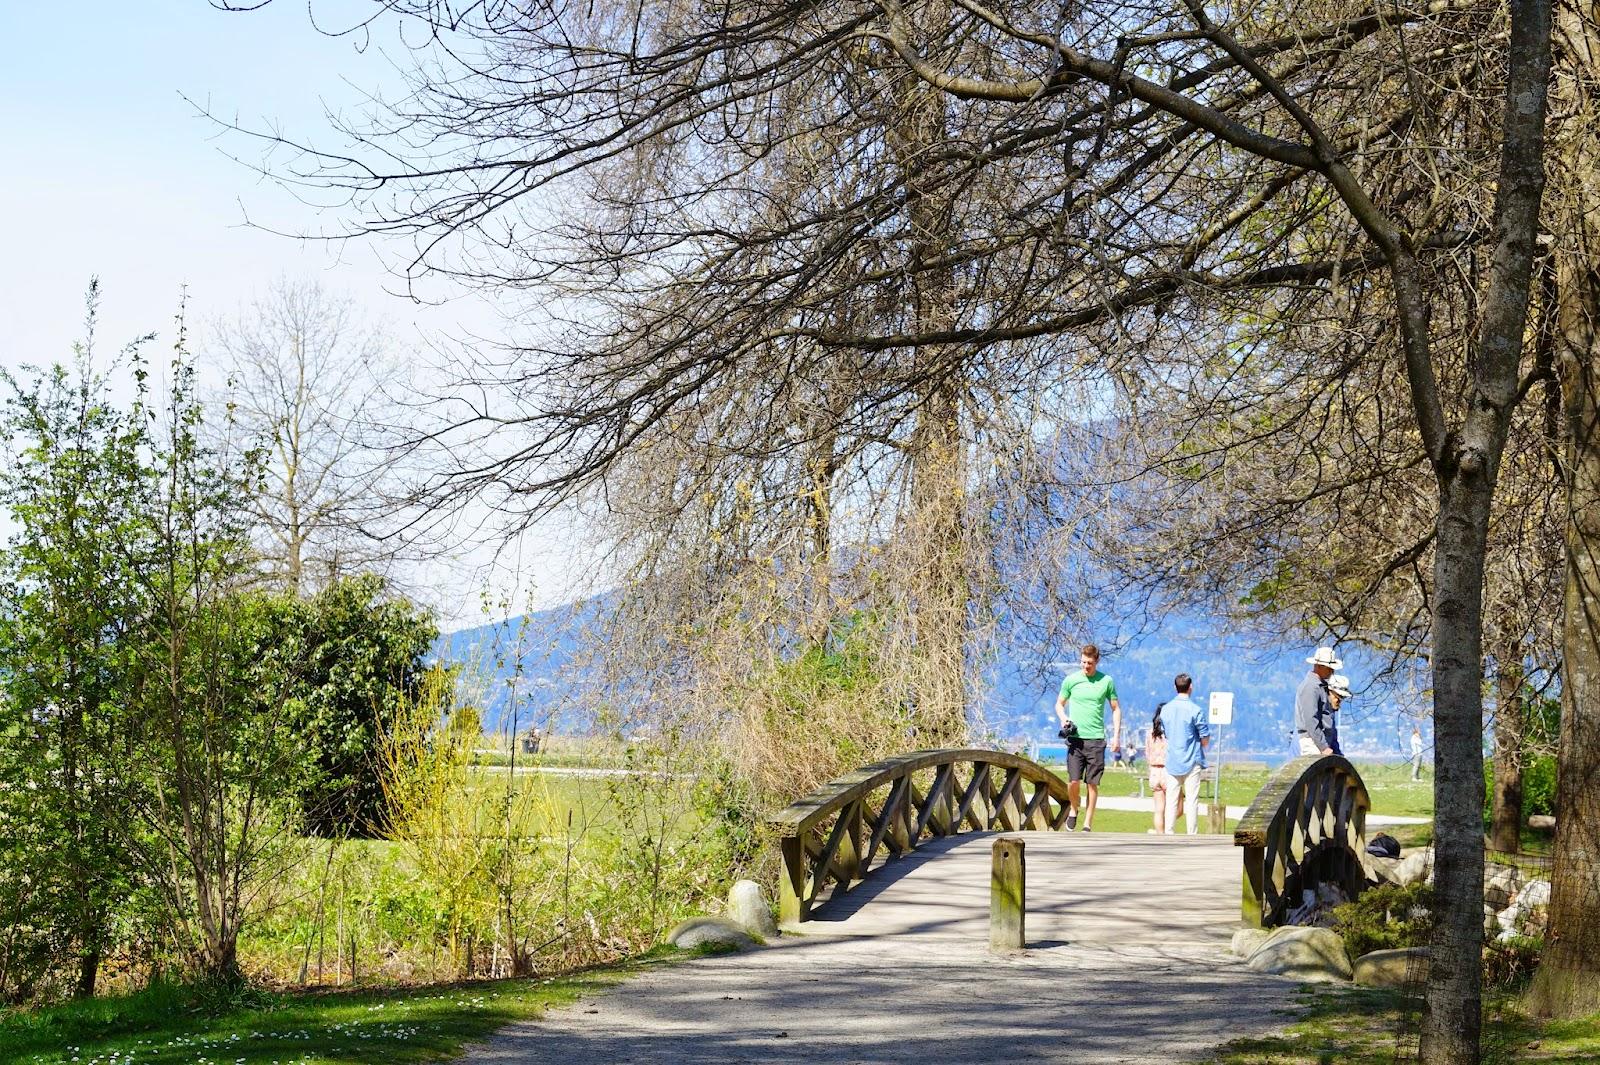 Через один из прудов ведёт небольшой мост - удобный плацдарм для фотоохоты за местной дичью